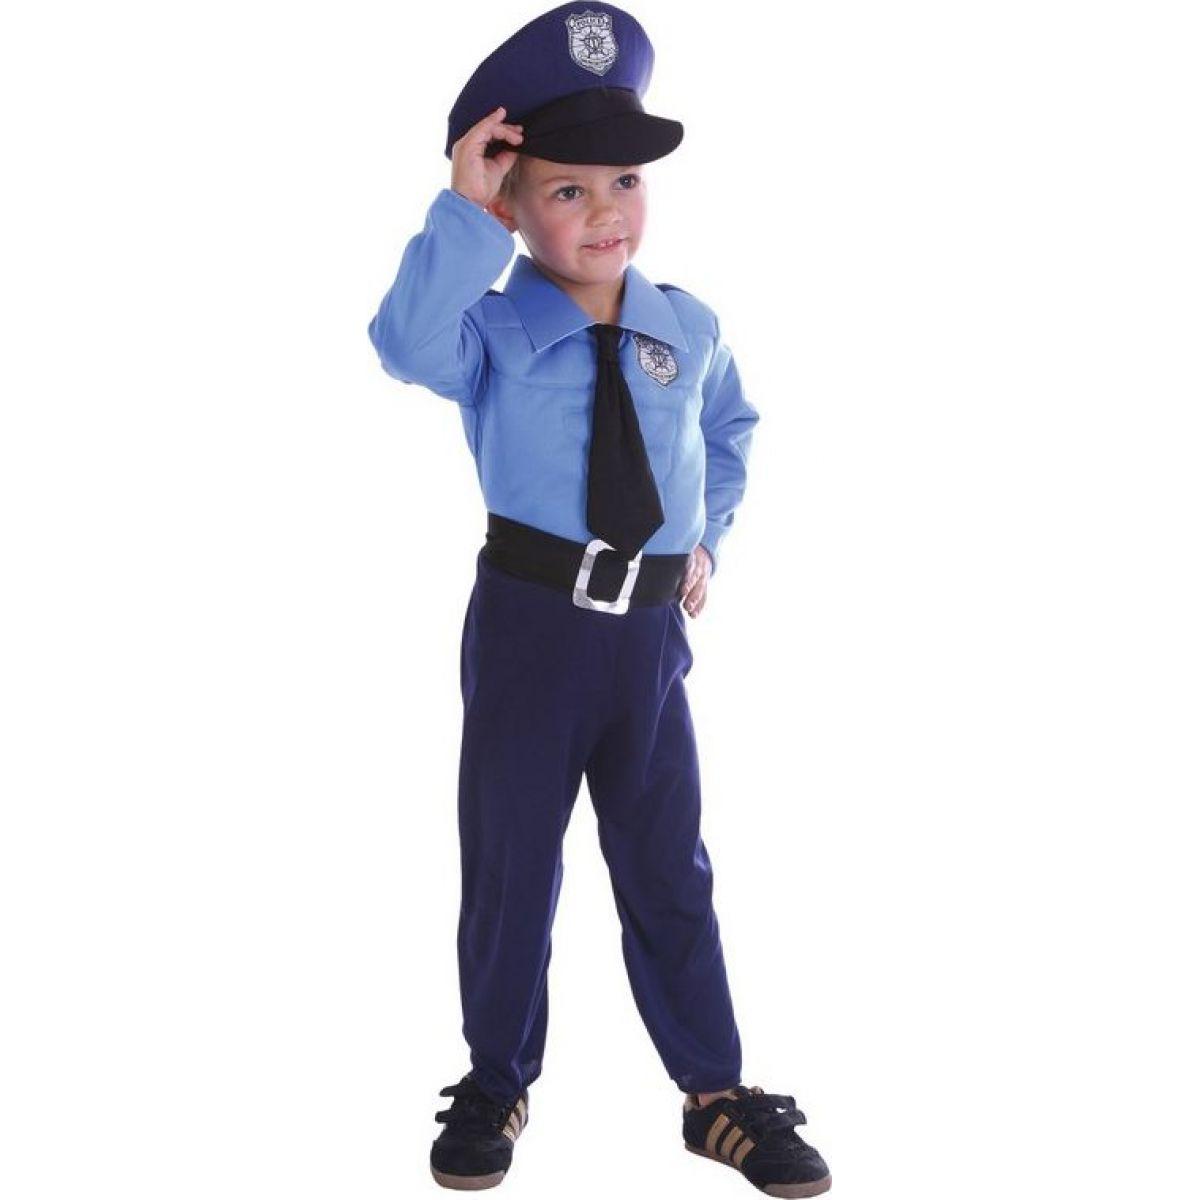 Made Dětský karnevalový kostým Policista 92-104 cm